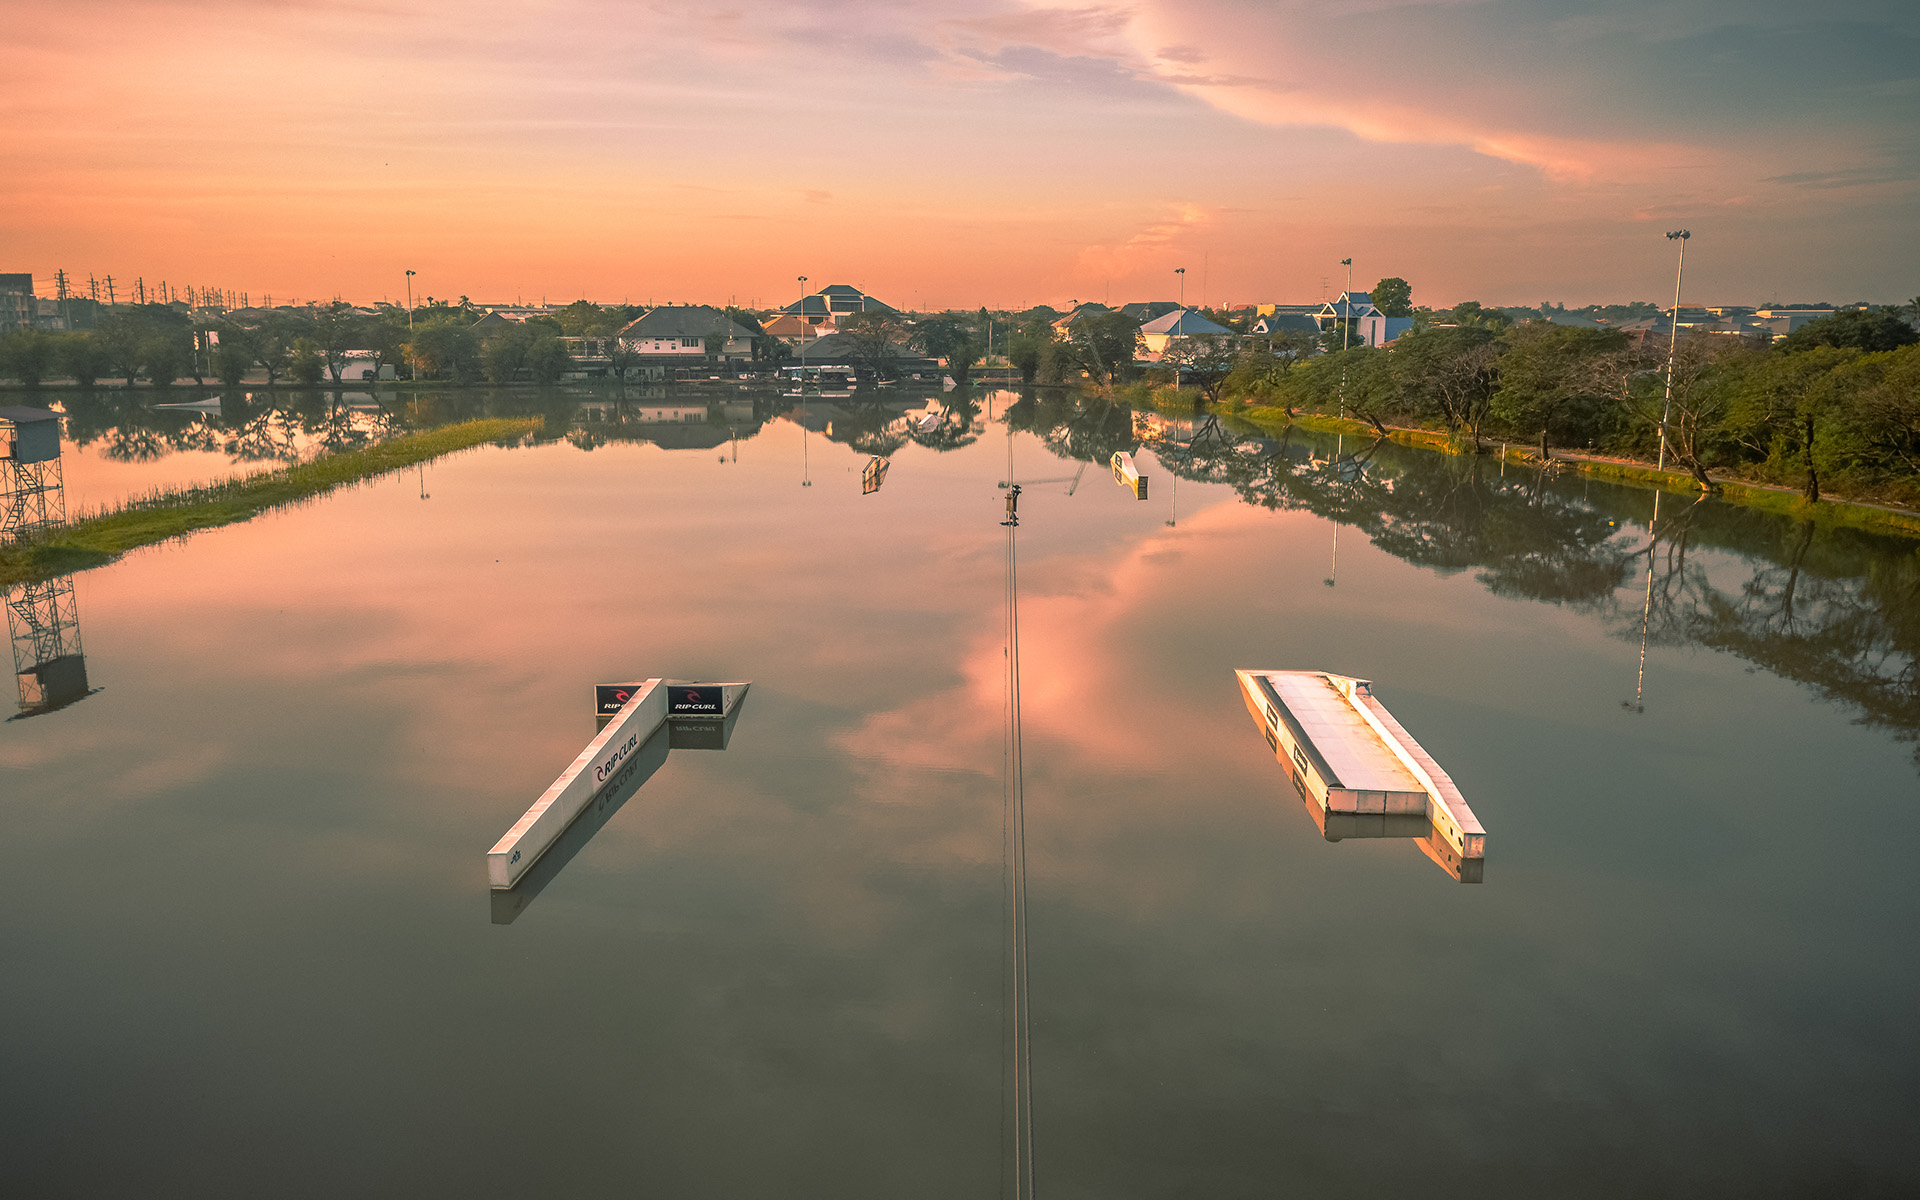 Zanook Wake Park-zanook far side